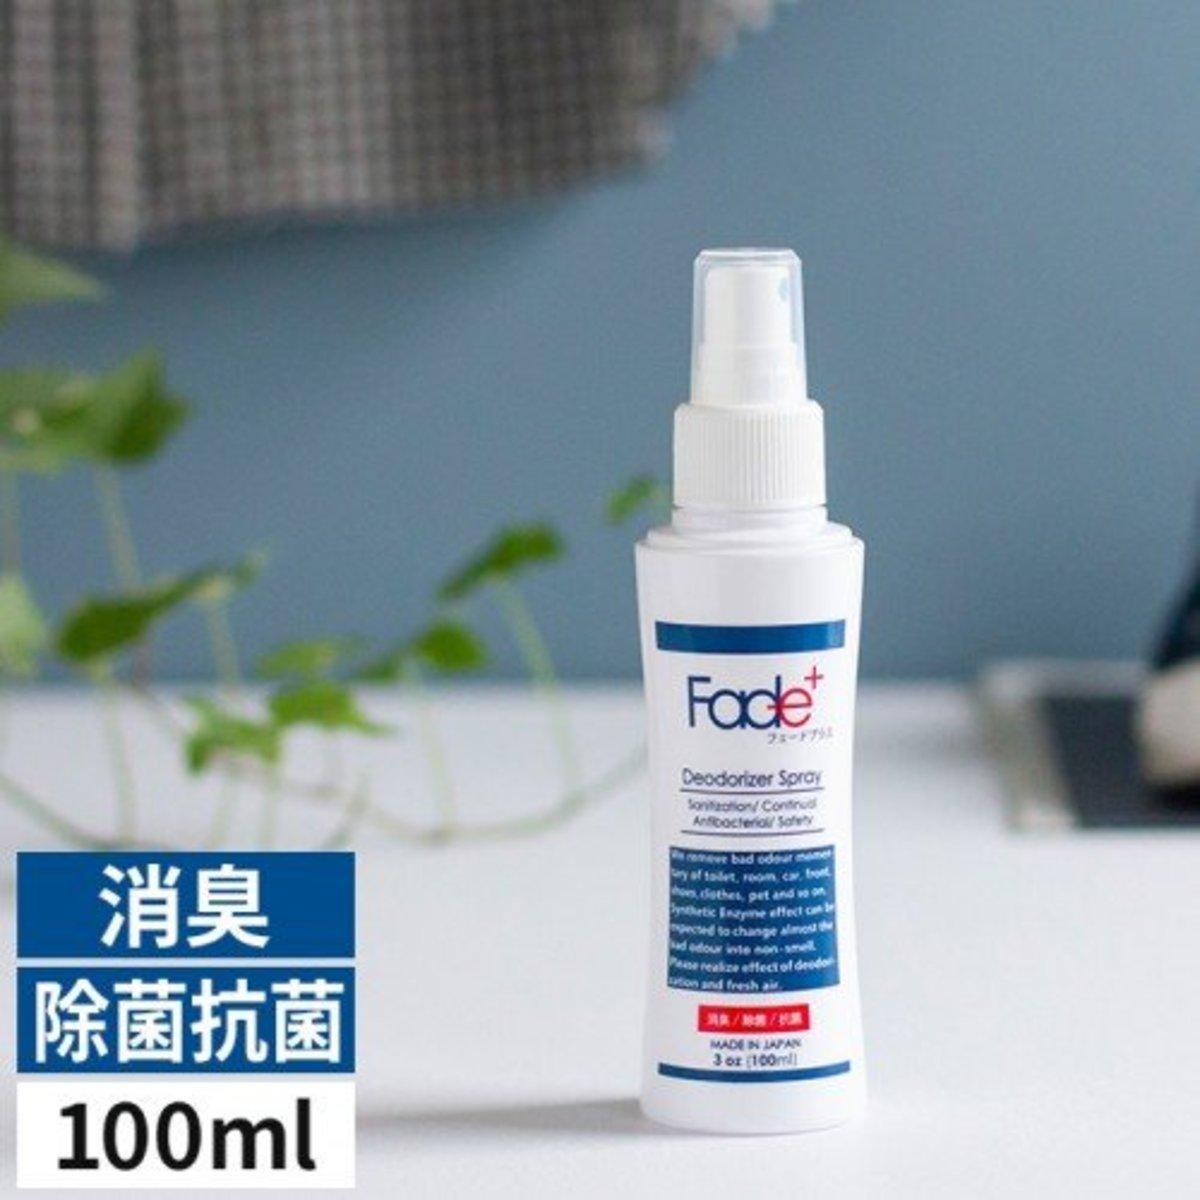 除臭噴霧 100ml (日本製造)